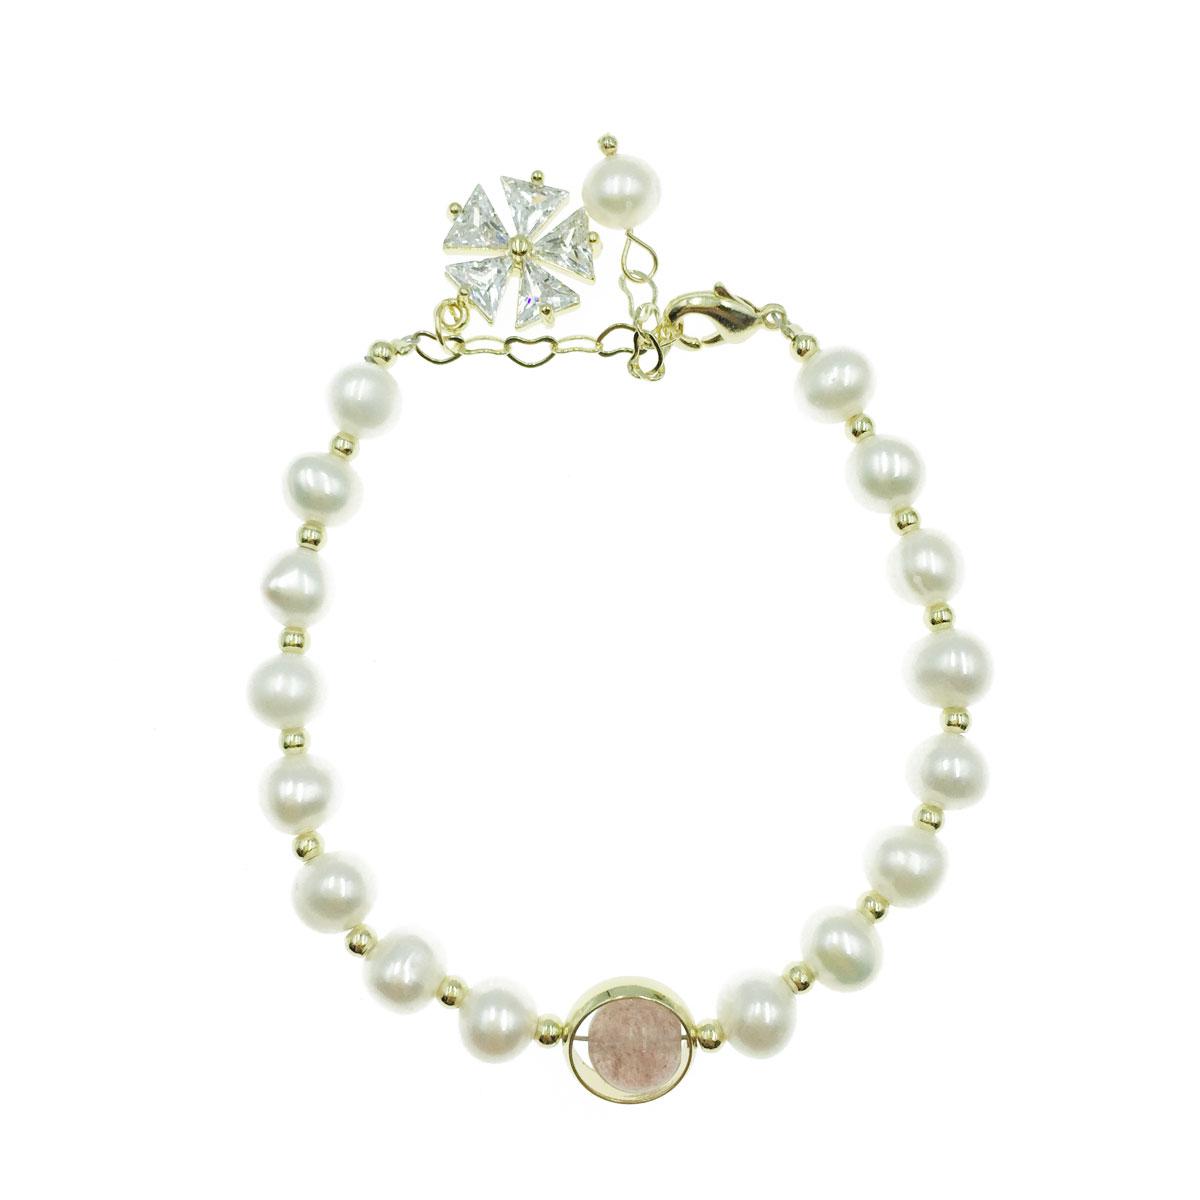 韓國 天然珠 彩珠 水鑽 雪花 愛心 可調式 手鍊